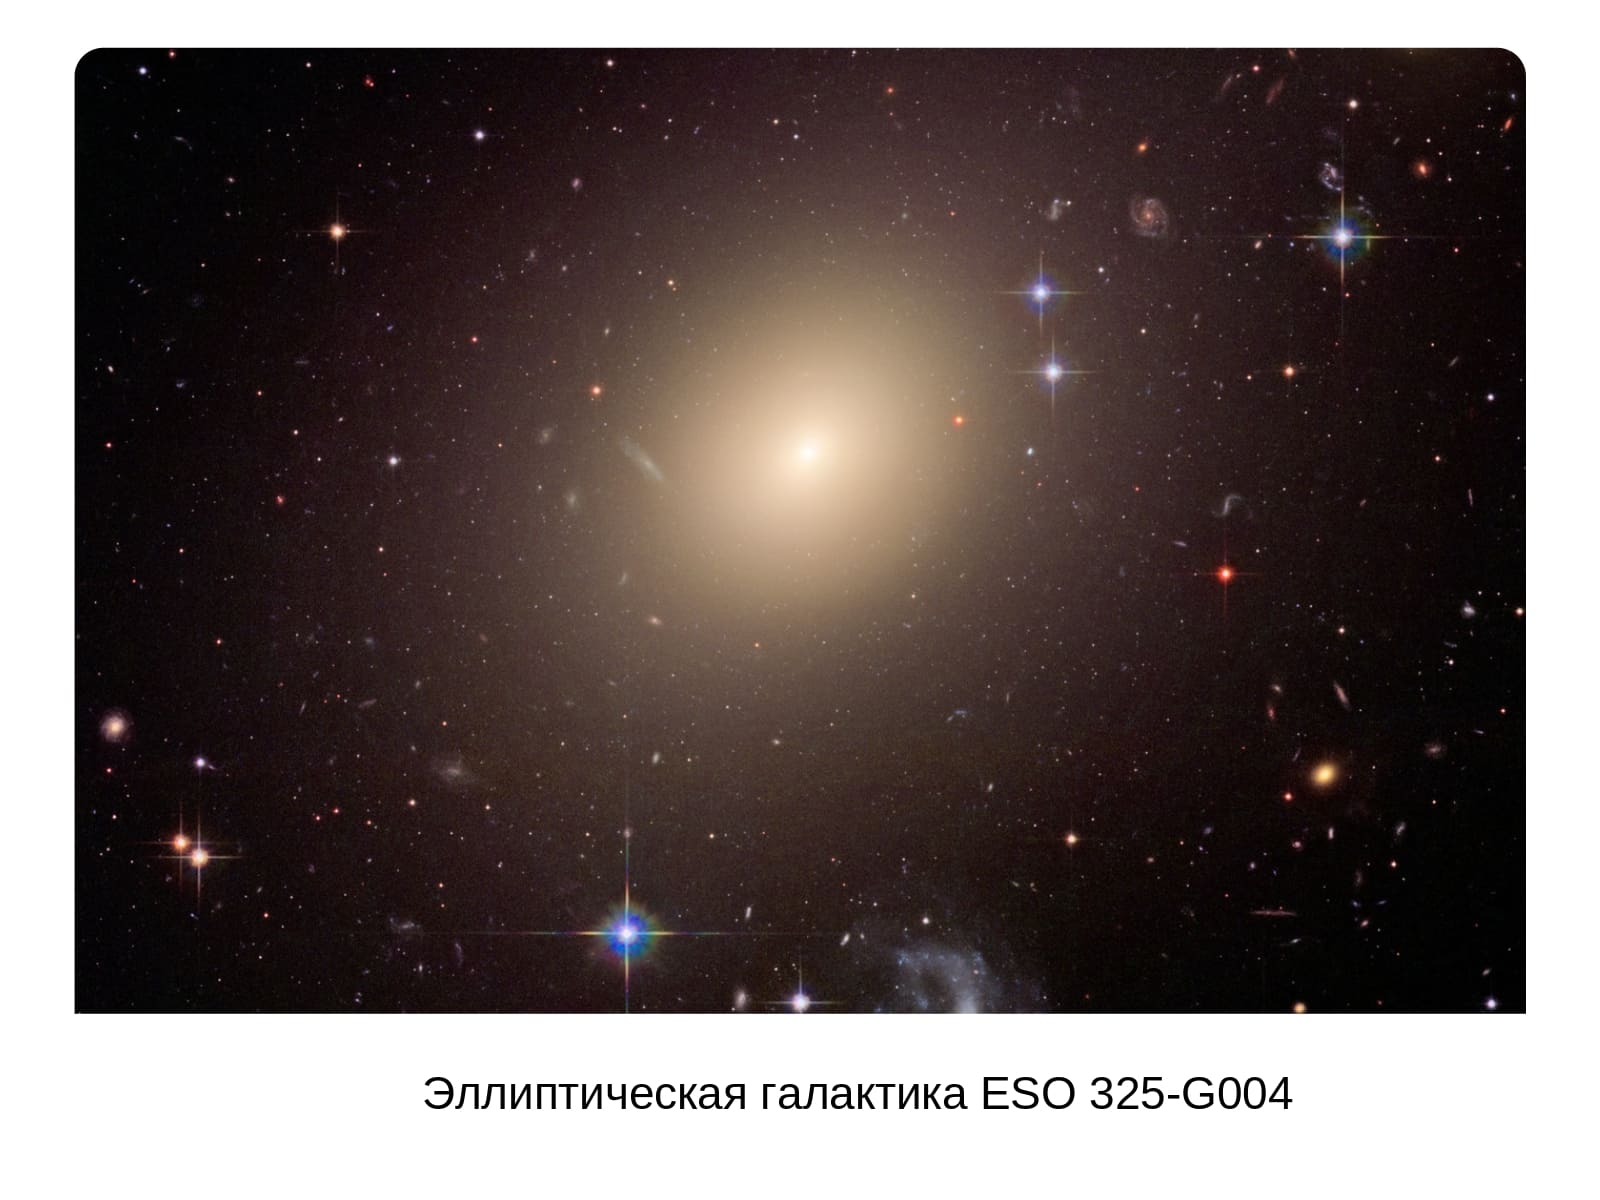 Эллиптическая галактика